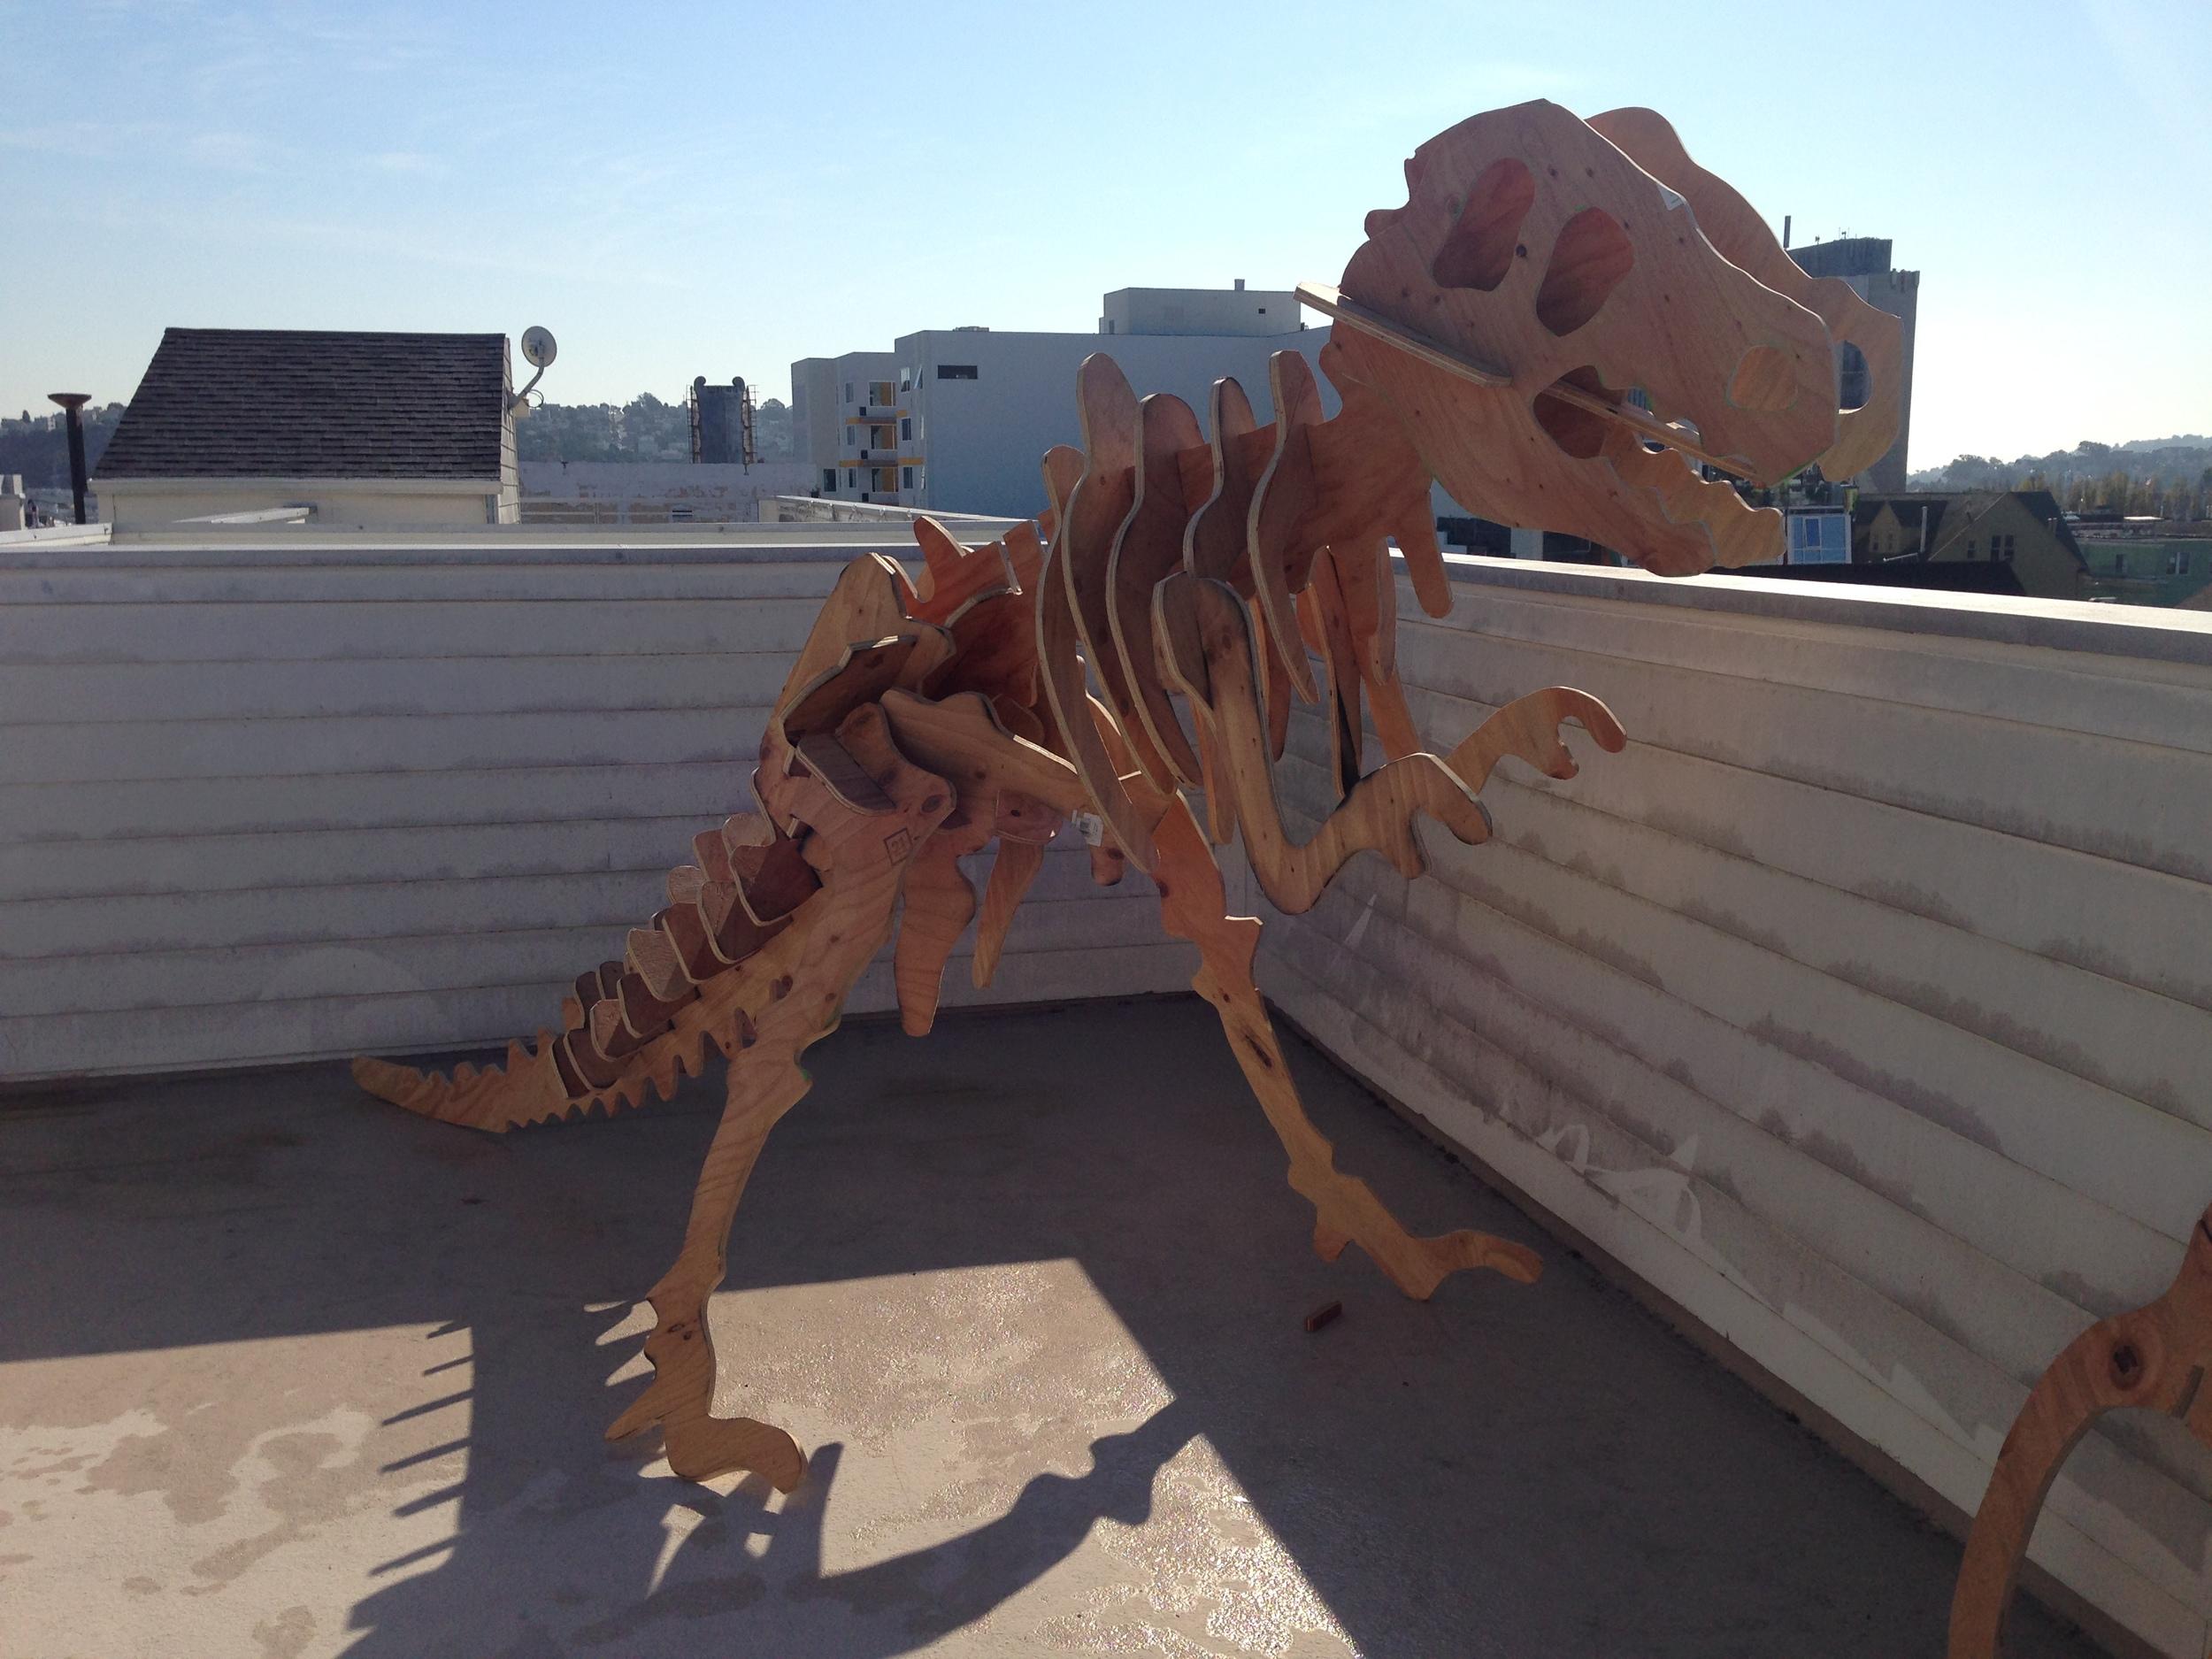 The dinosaur we built for Burning Man